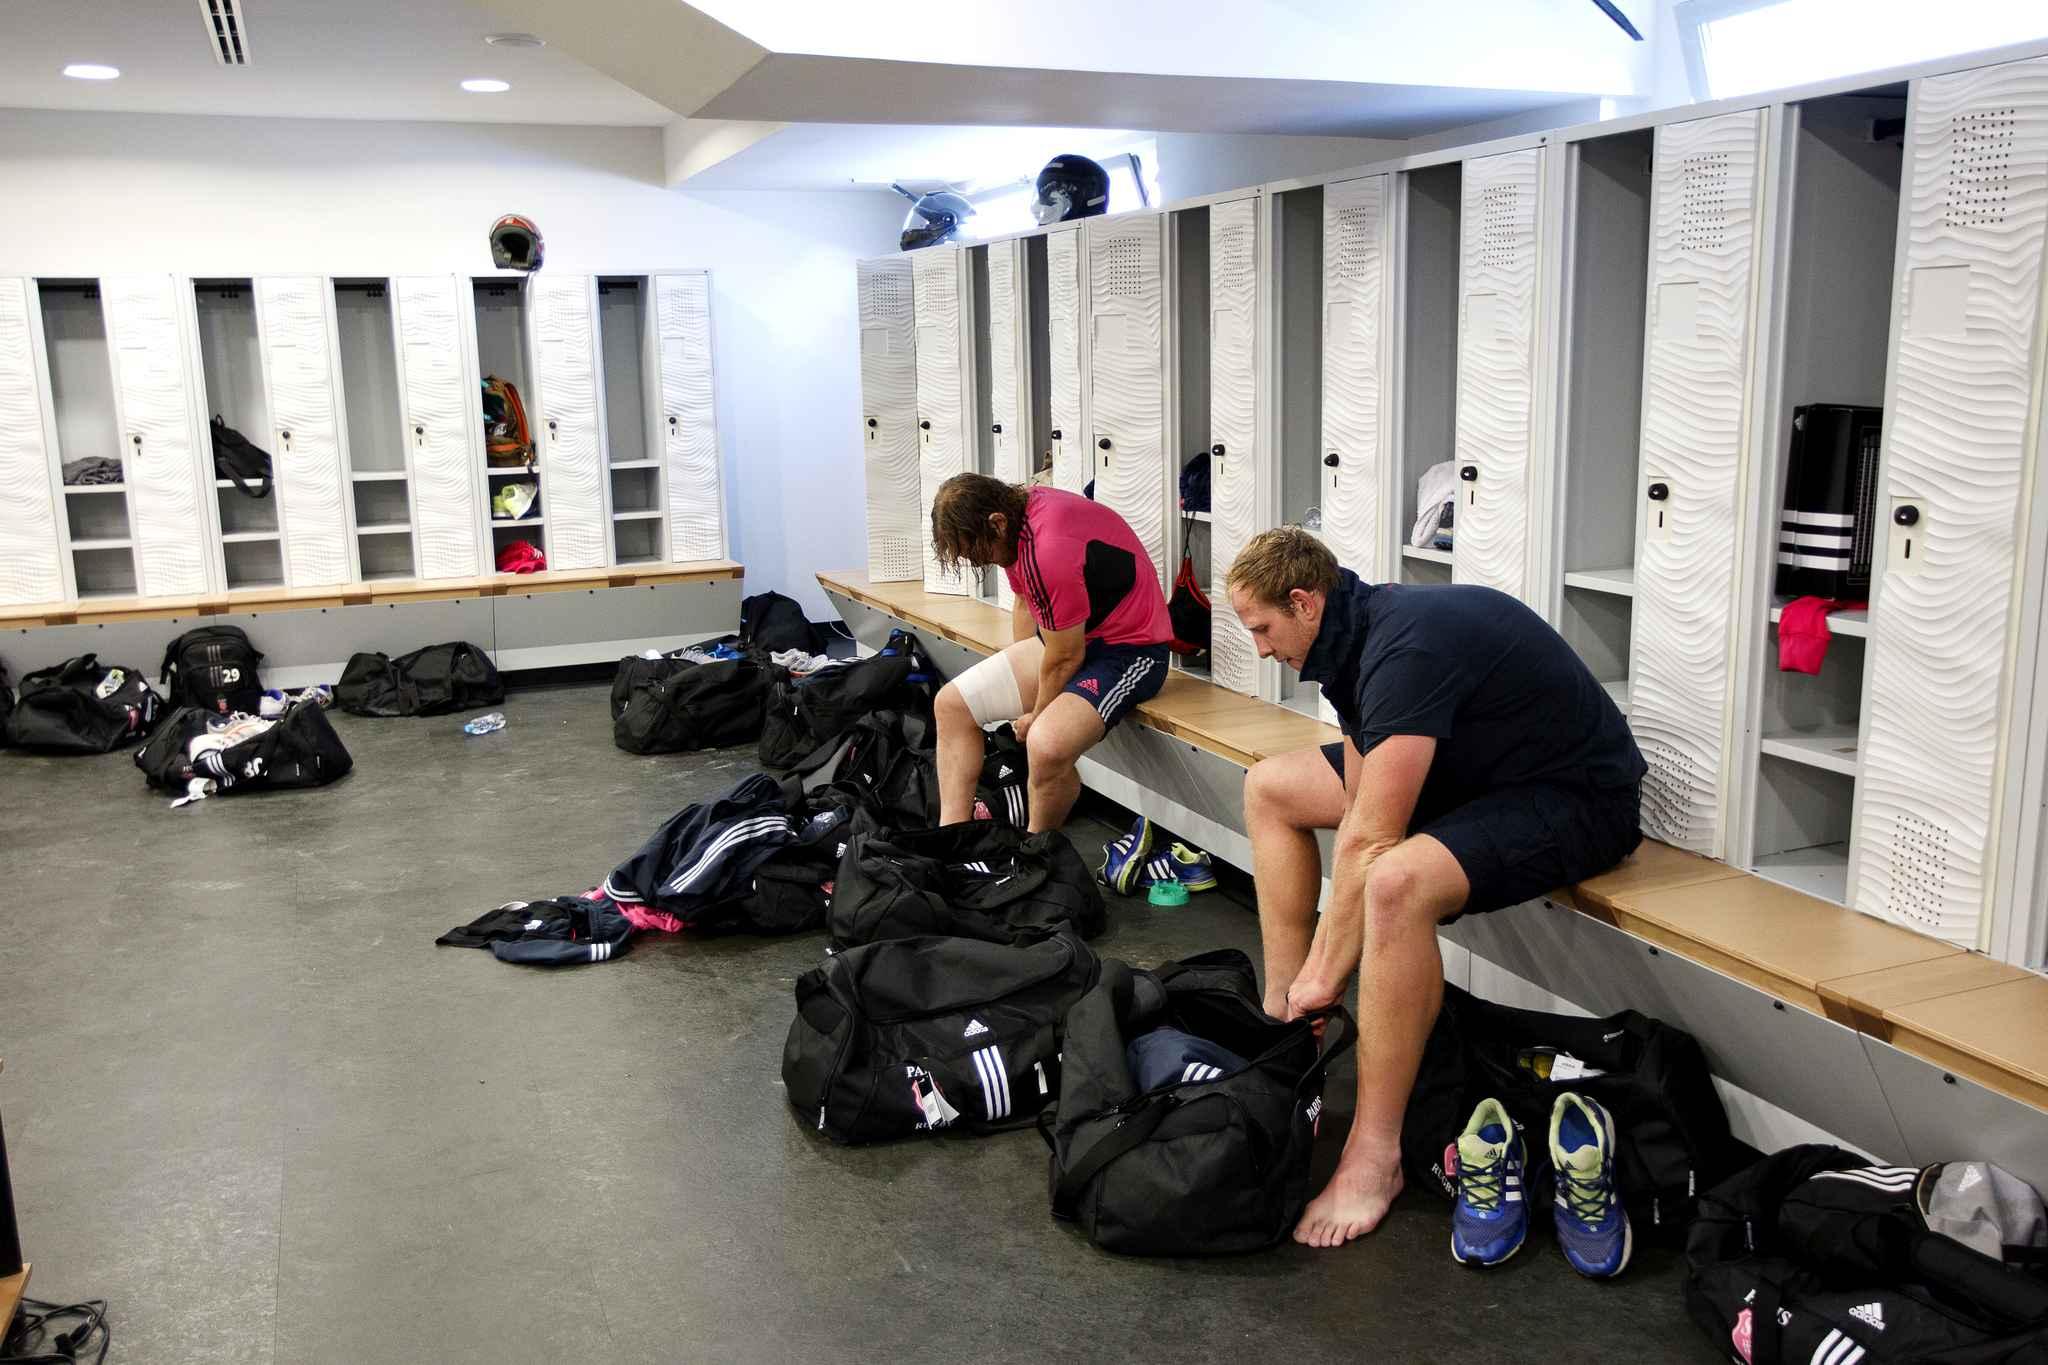 Stades de Rugby - Page 3 Paris-28-aout-2013-544f-diaporama